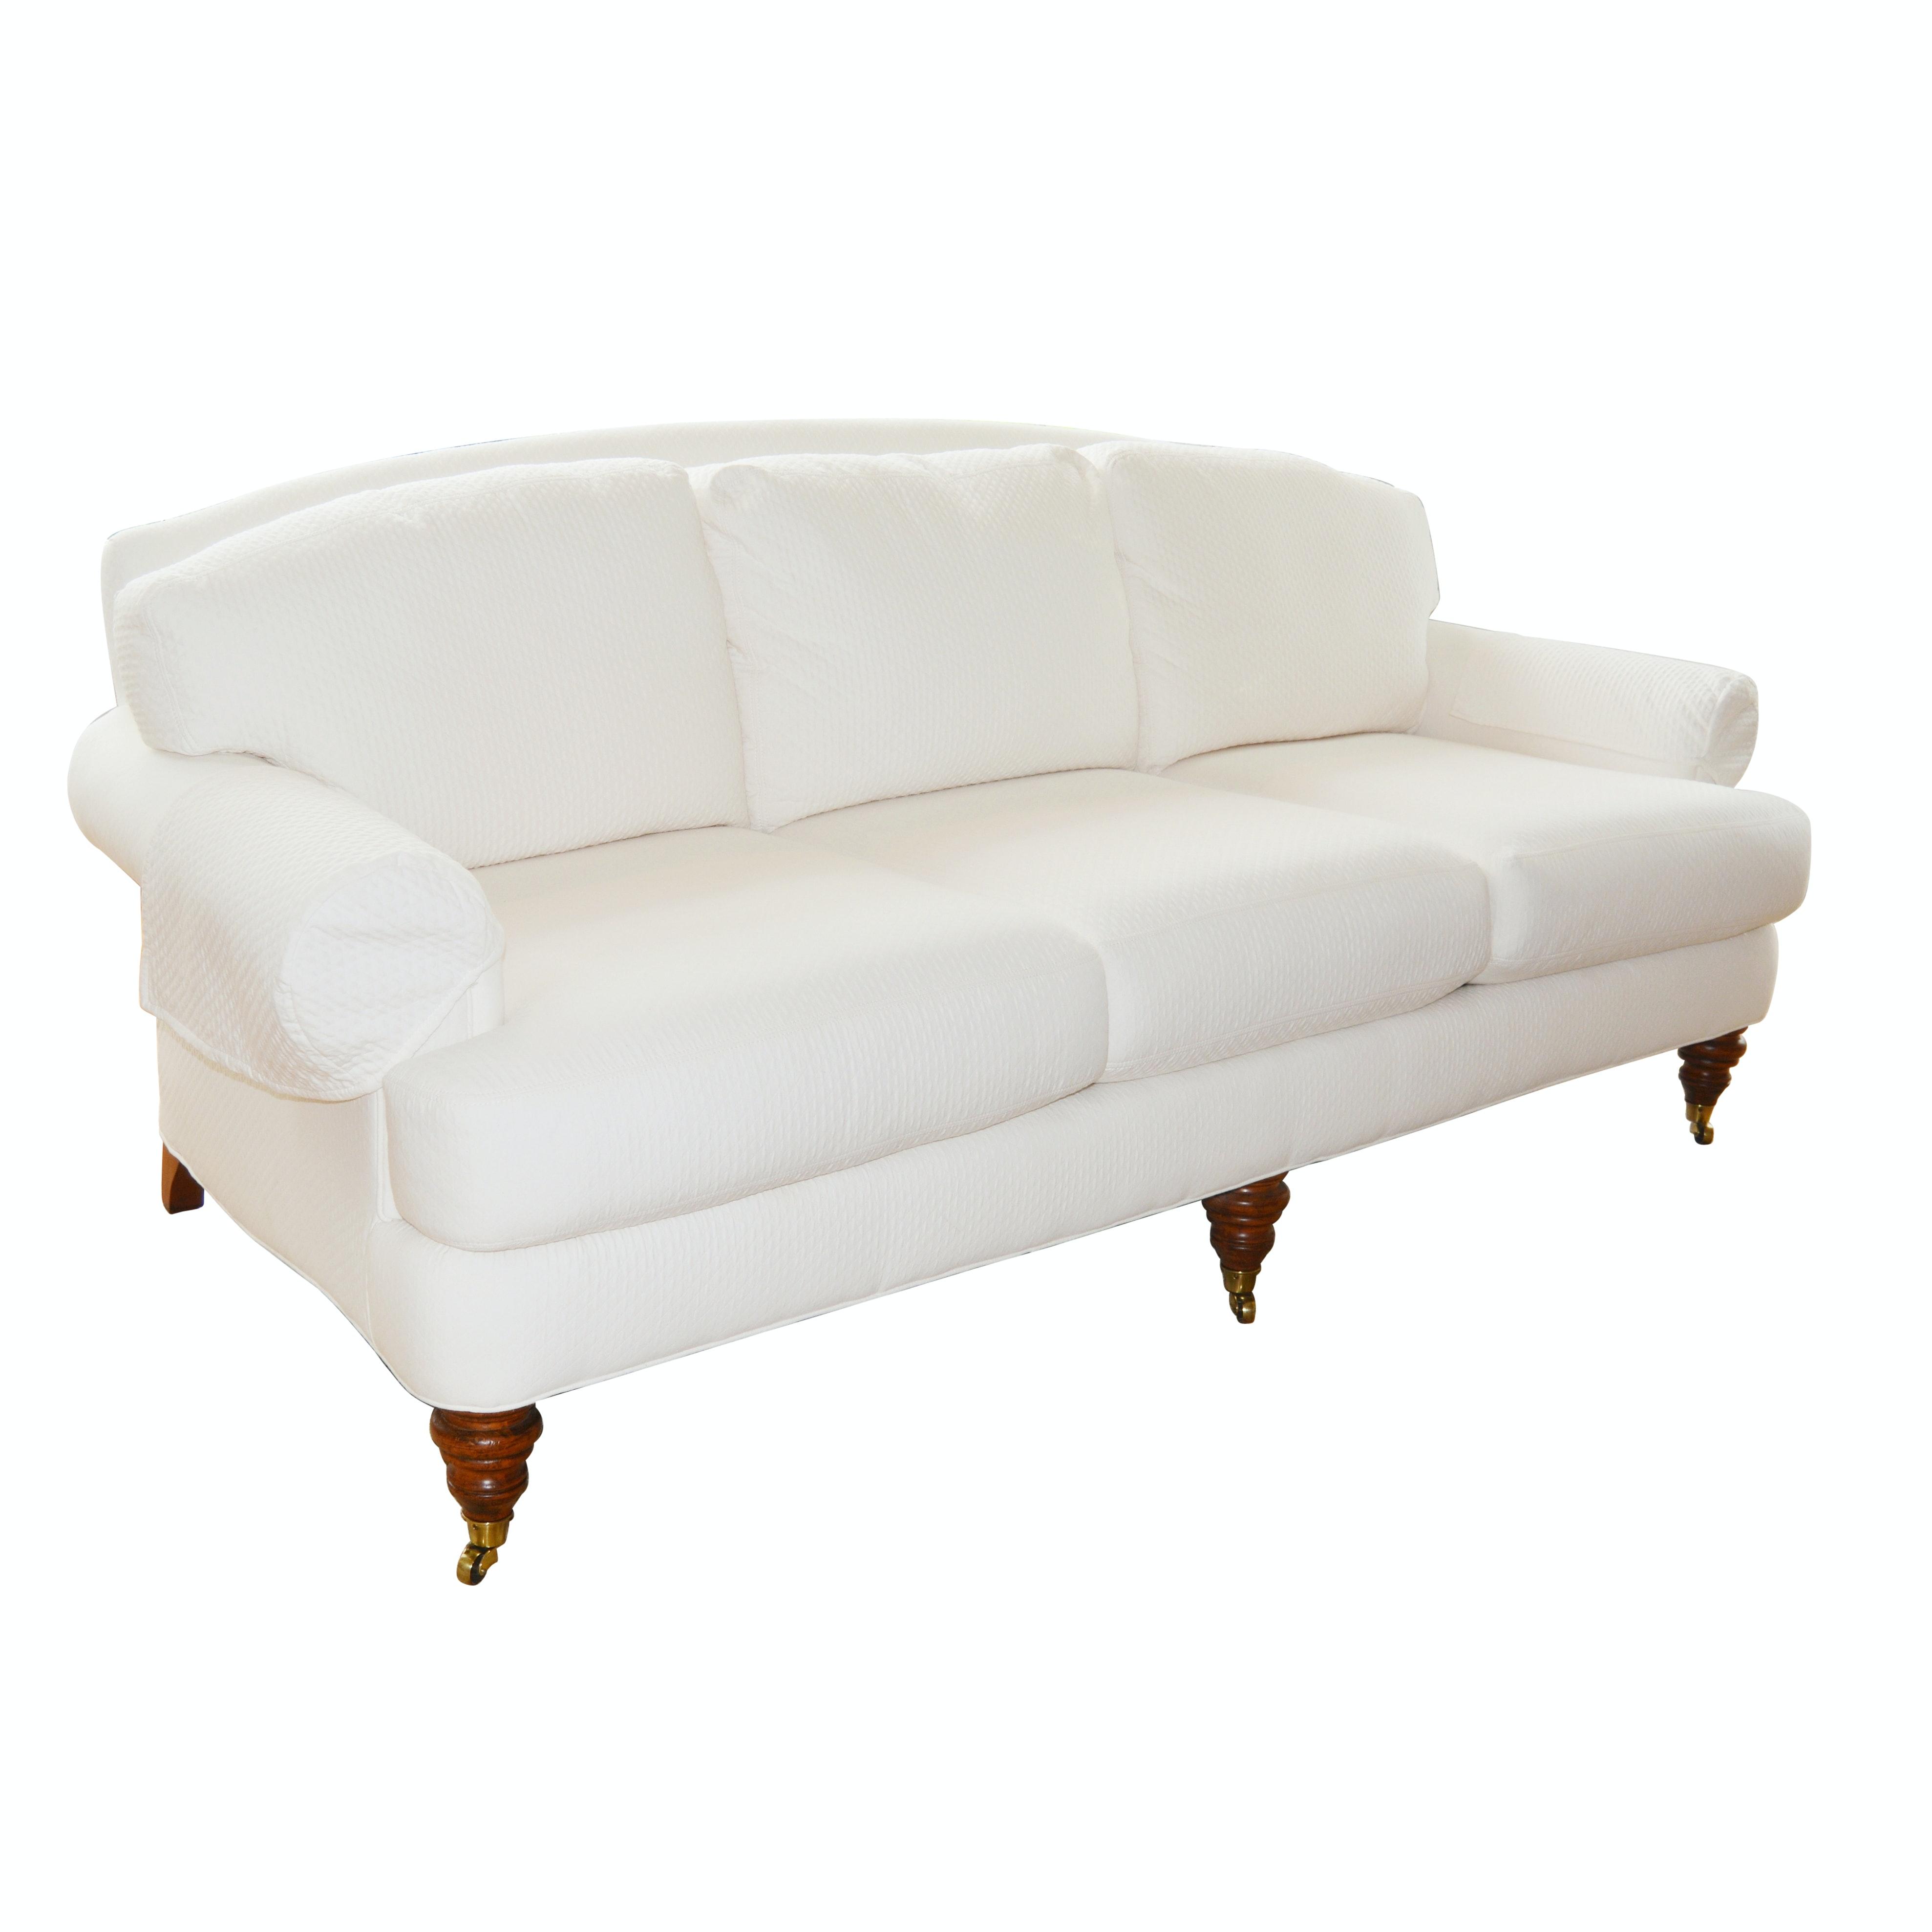 Lillian August White Upholstered Sofa ...